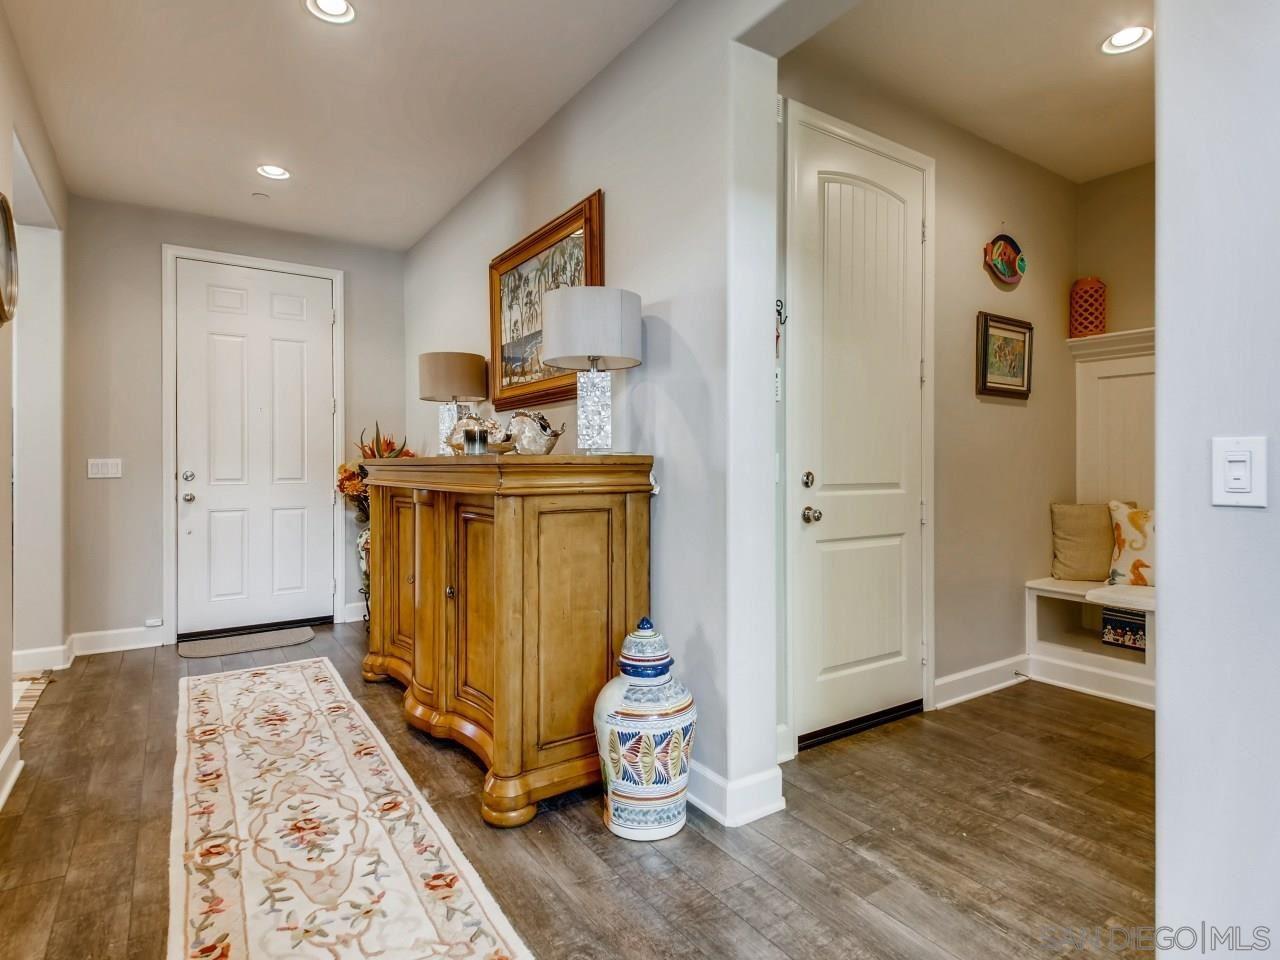 Photo of 1526 Avila Lane, Vista, CA 92083 (MLS # 200046048)